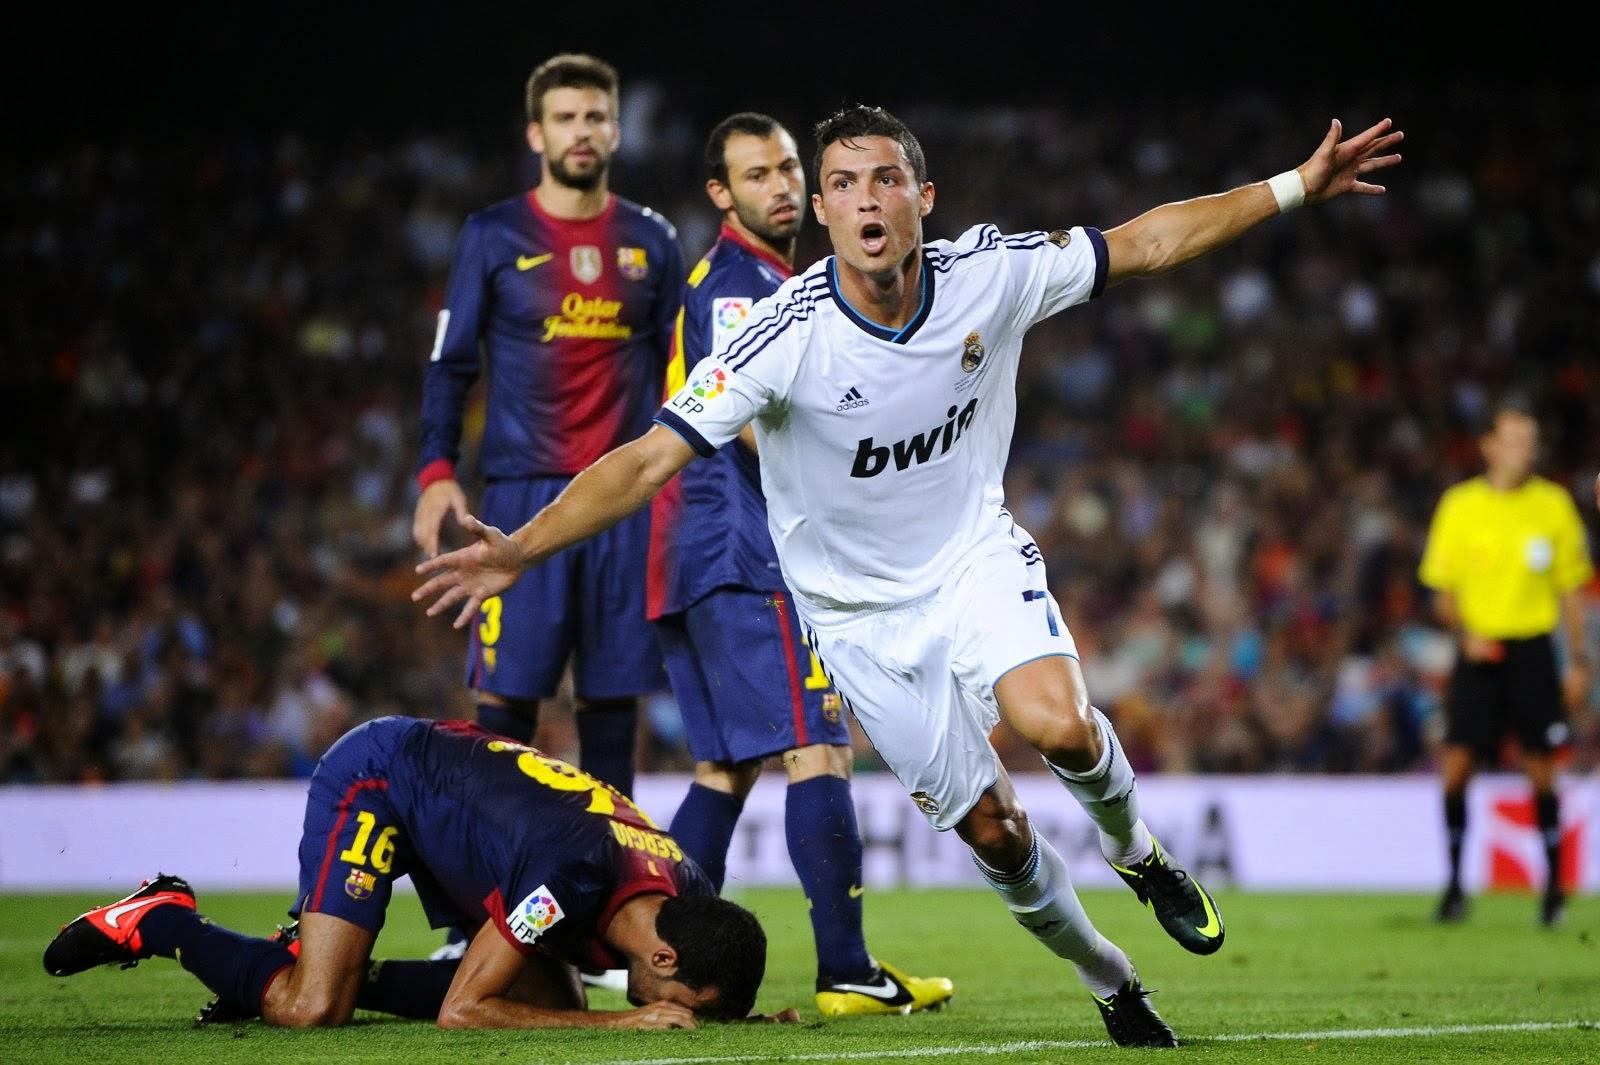 Real Madrid Fútbol En Directo: Ver Partido Real Madrid Online Gratis En Directo Hoy